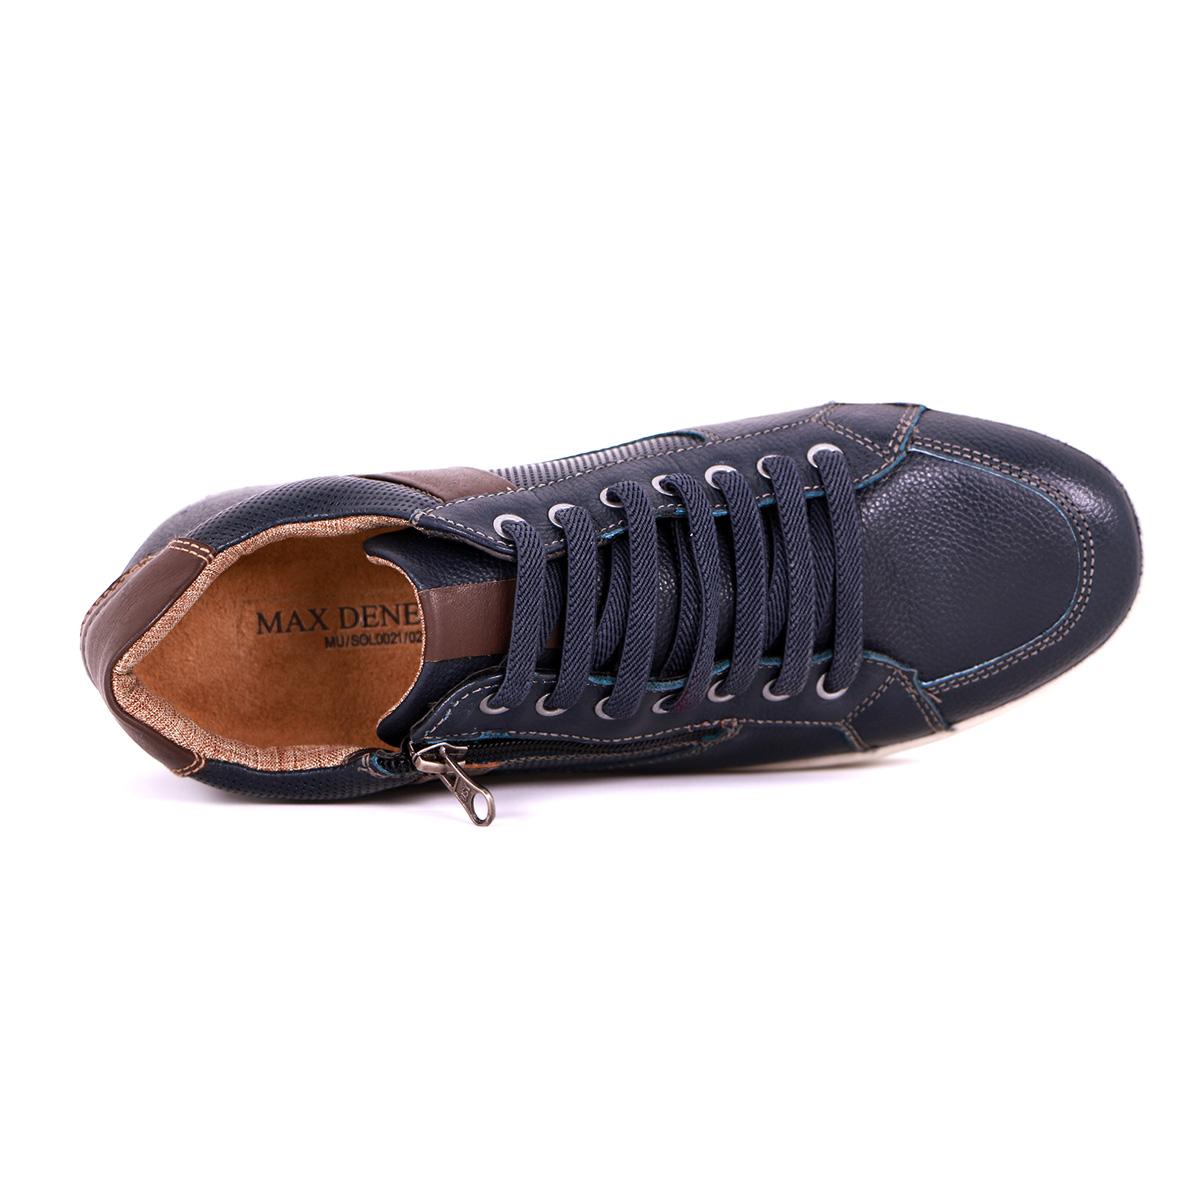 Tenis Hidden Jeans Max Denegri +7cms De Altura _73363